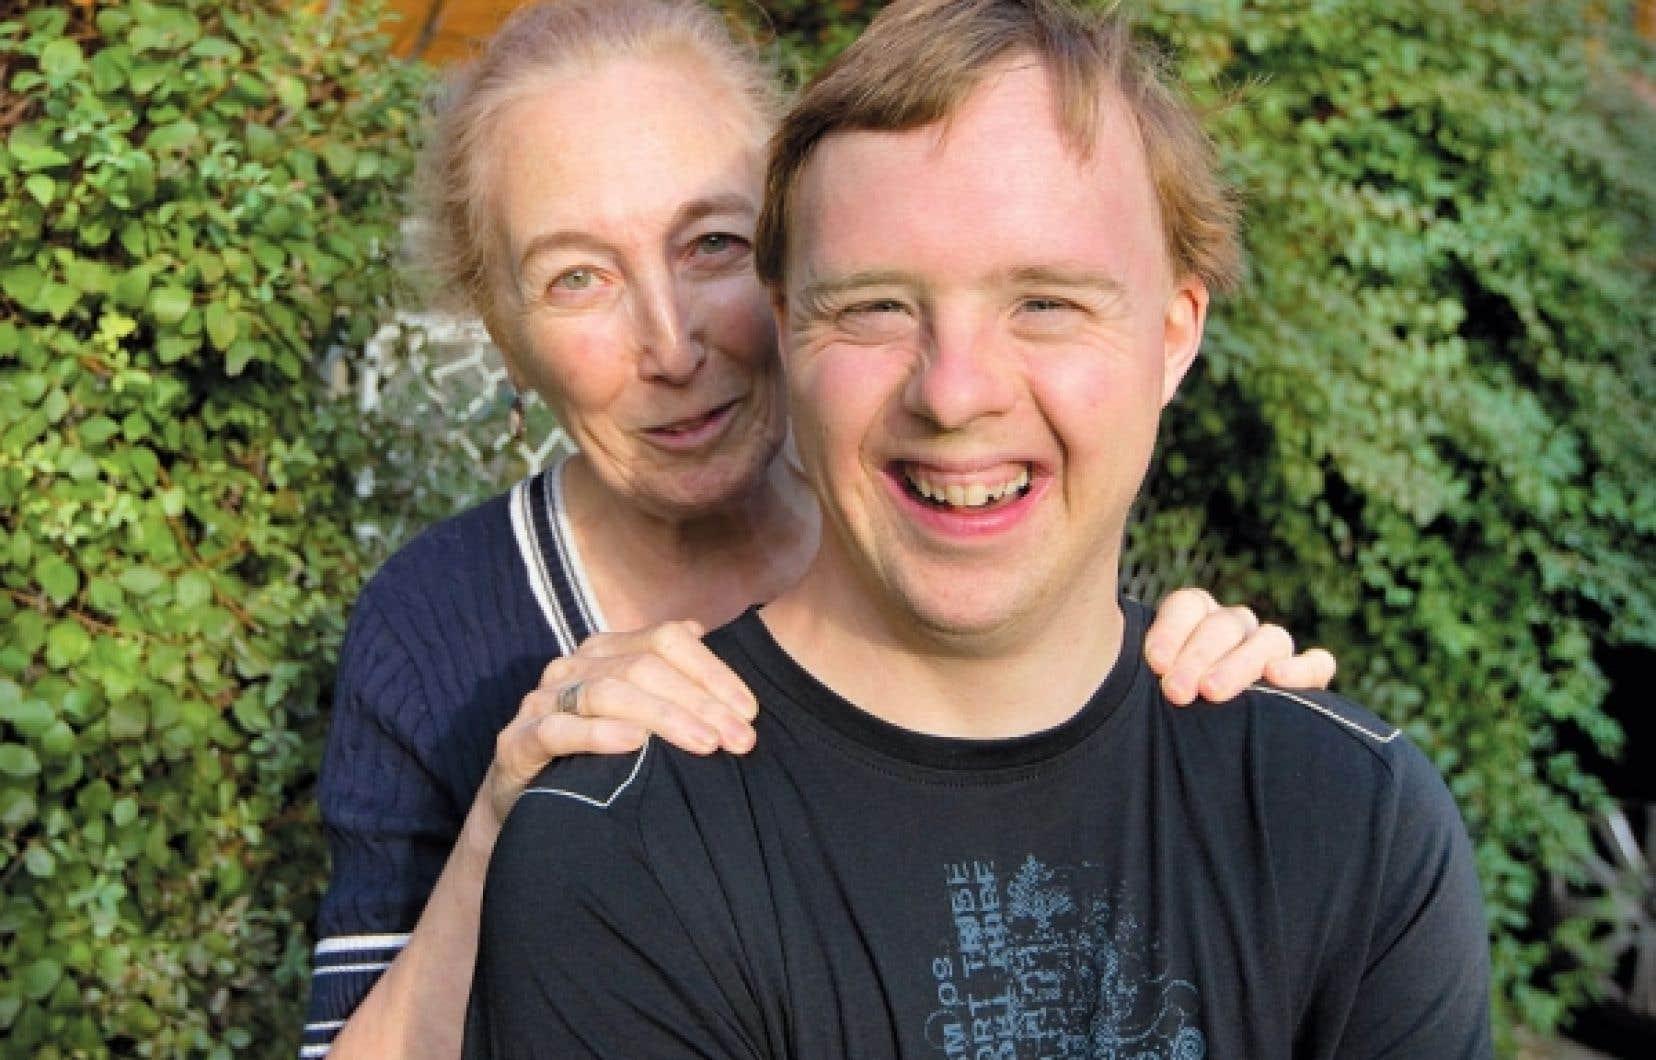 Les femmes enceintes se voient systématiquement proposer un test de dépistage de la trisomie 21. Pour la Journée internationale des personnes handicapées, l'auteure - et mère - dénonce le discours négatif autour de la maladie chromosomique. Ci-dessus, Monique Hennebert et son fils Carl, atteint de trisomie.